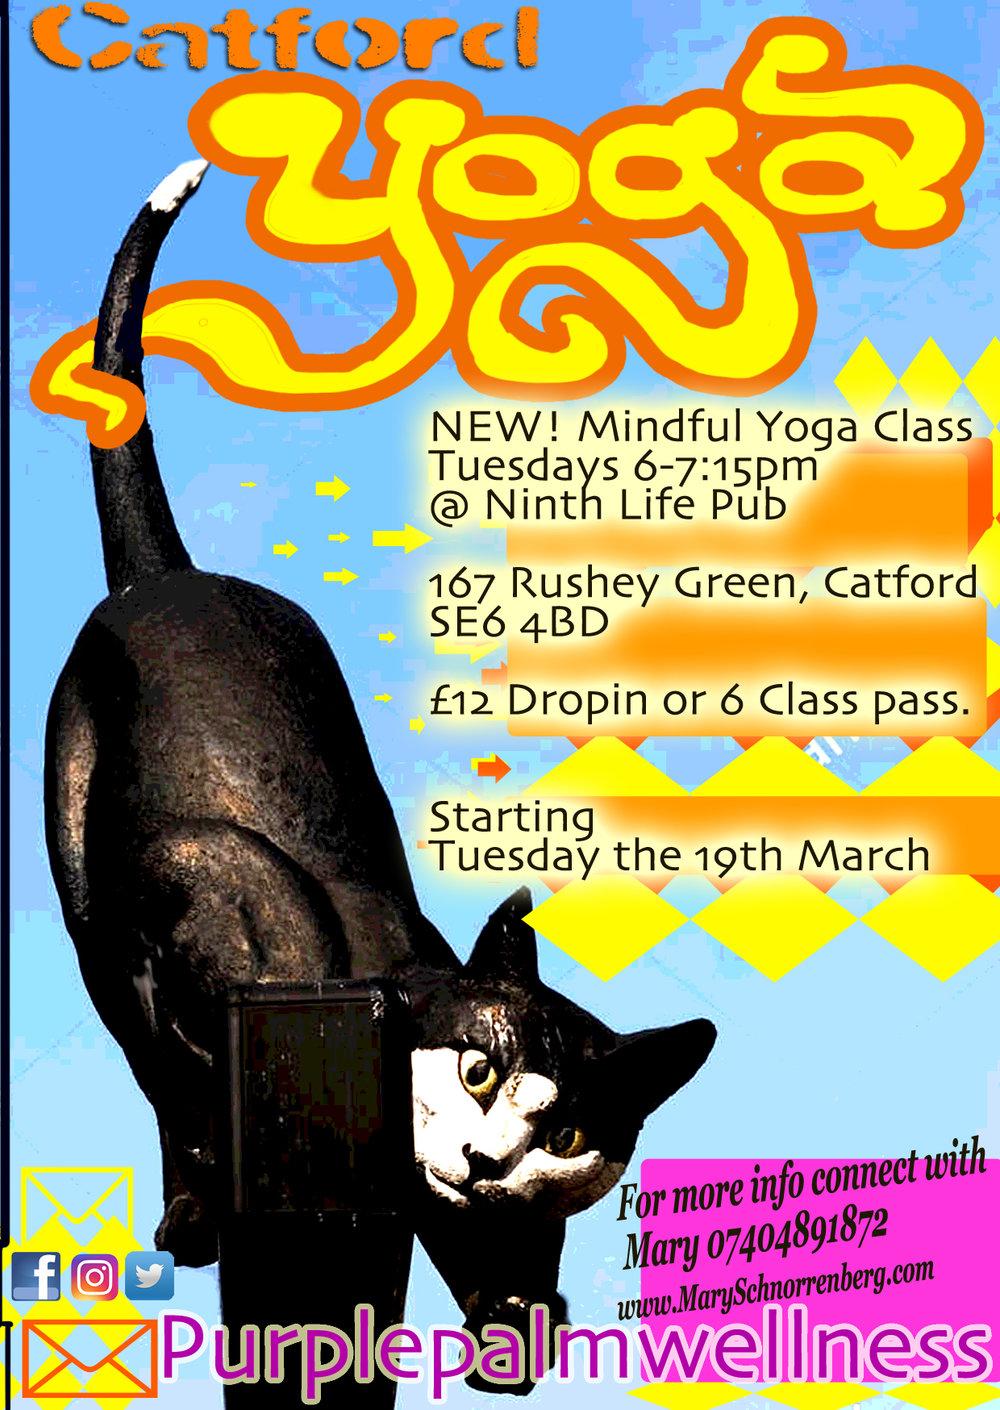 Mary yoga flyer.jpg